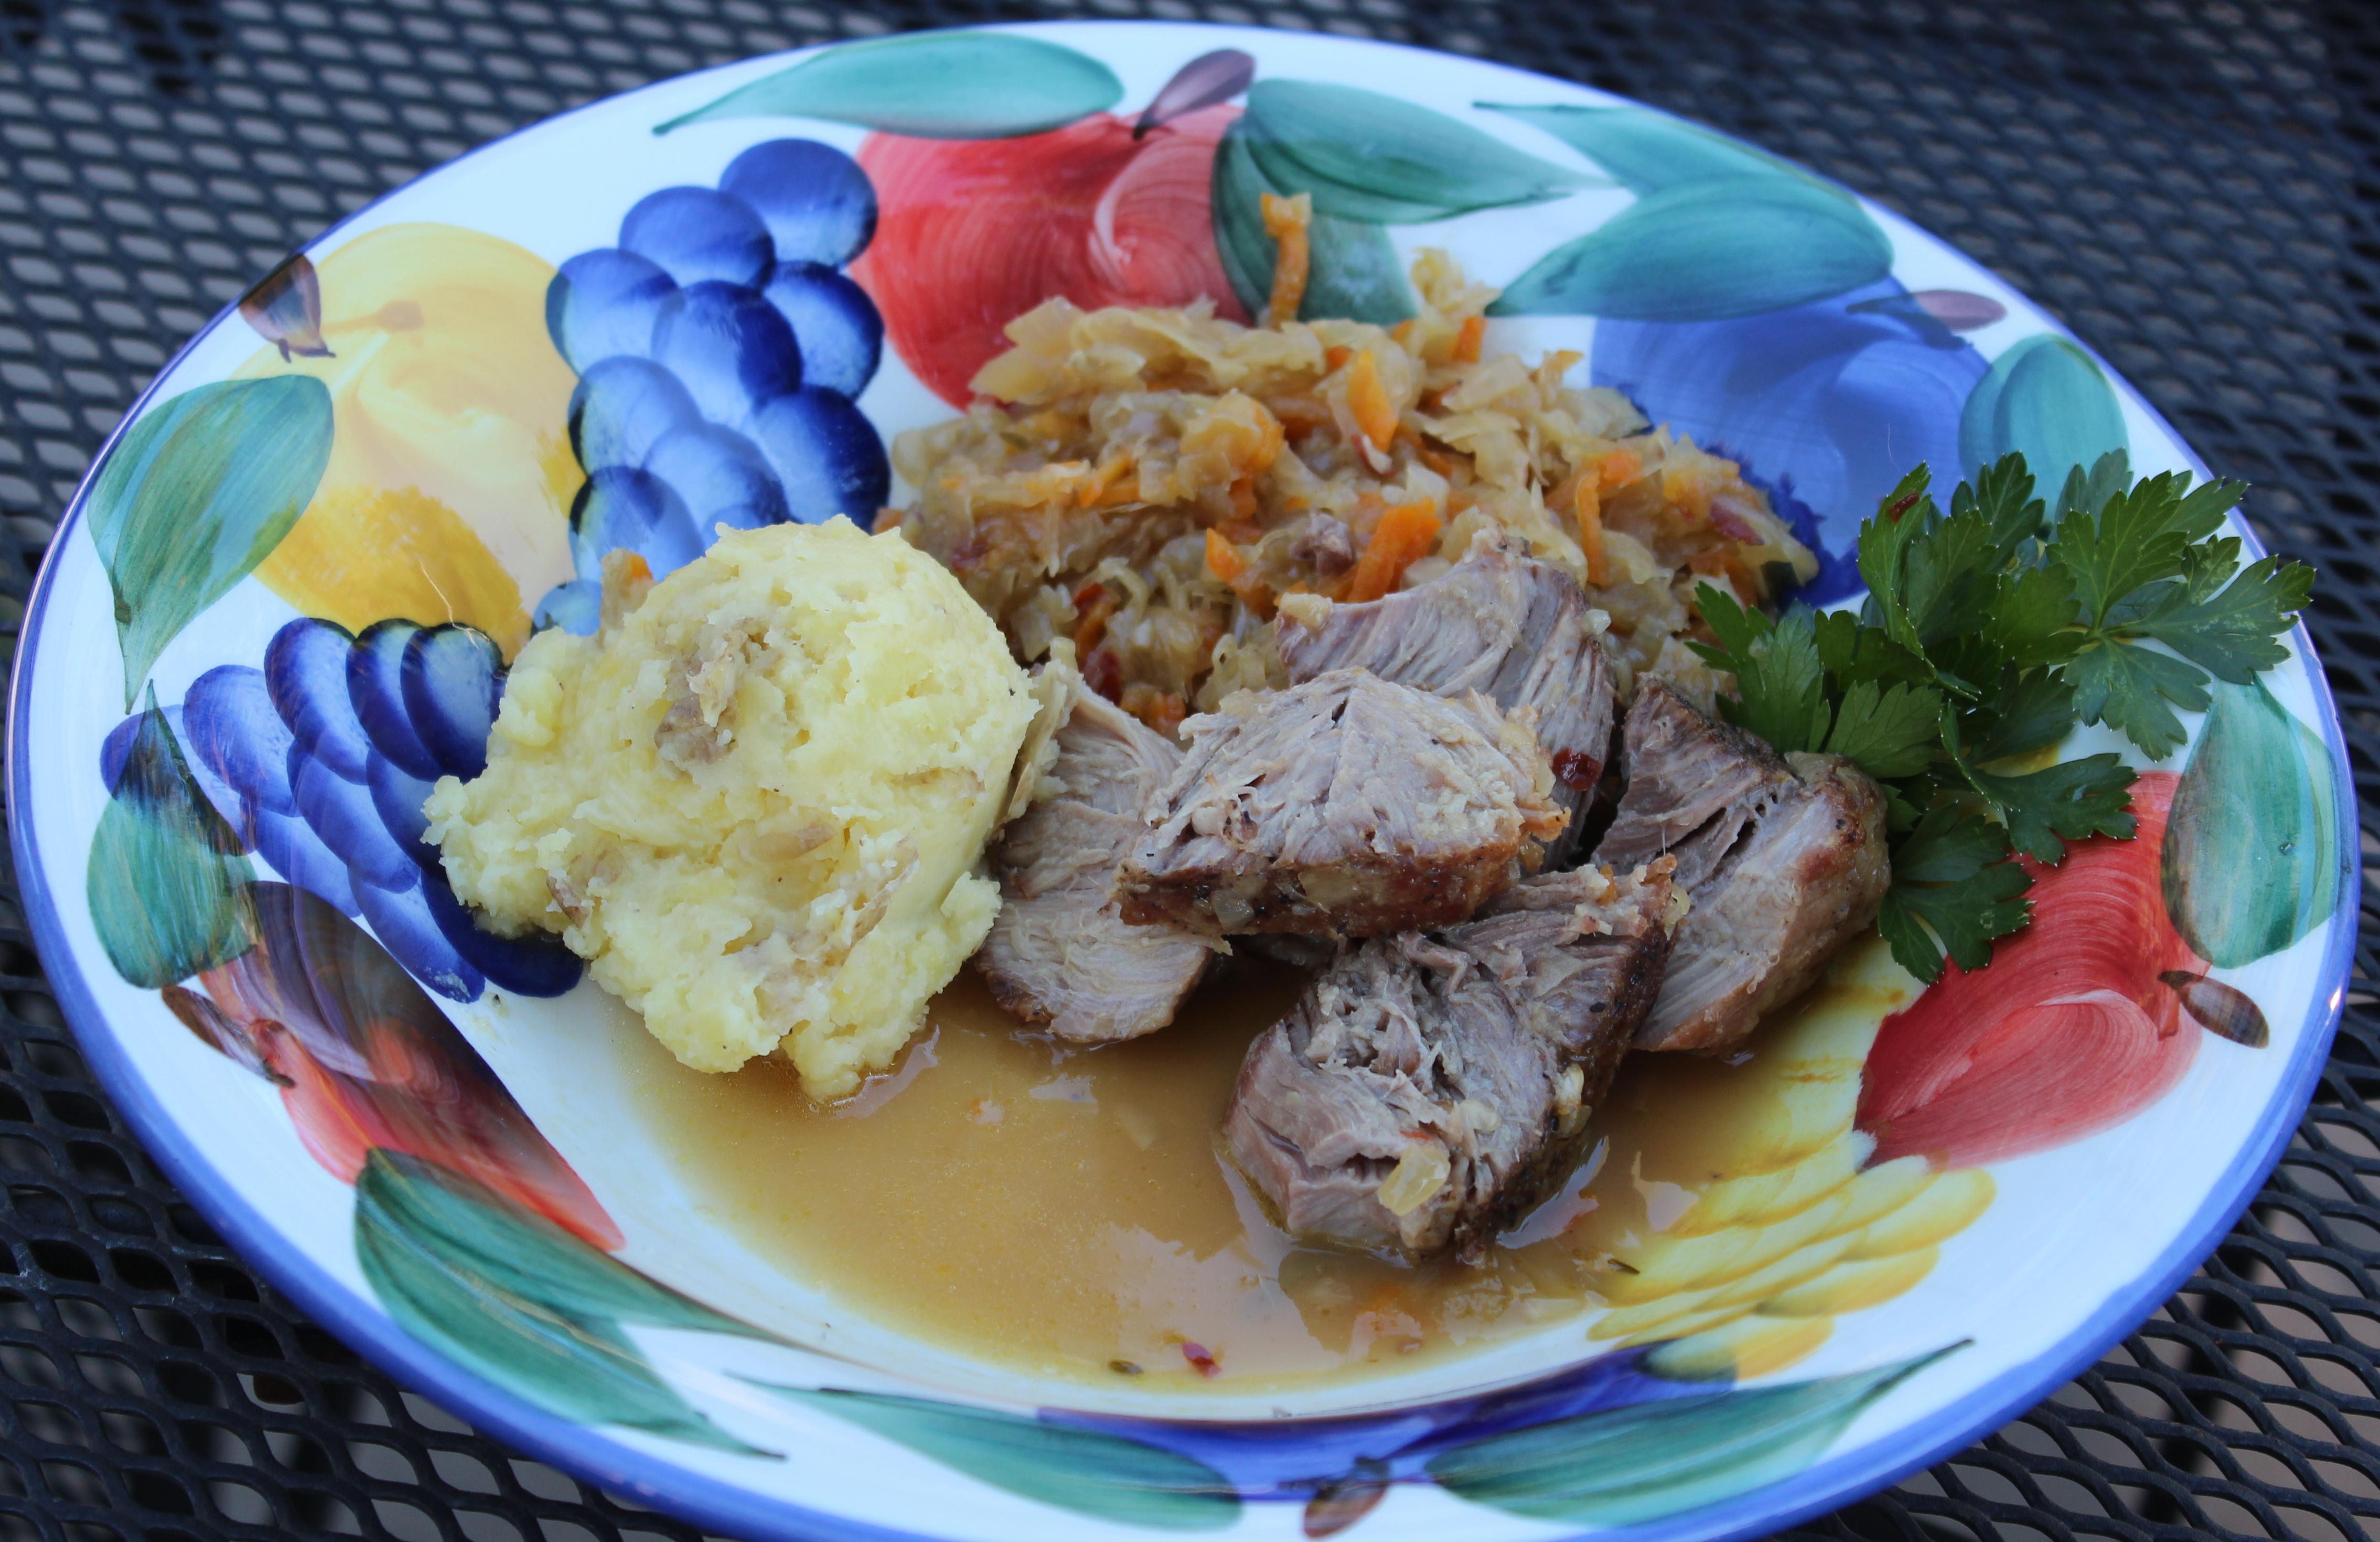 apple cider braised pork shoulder w sauerkraut jeanne s cuisine